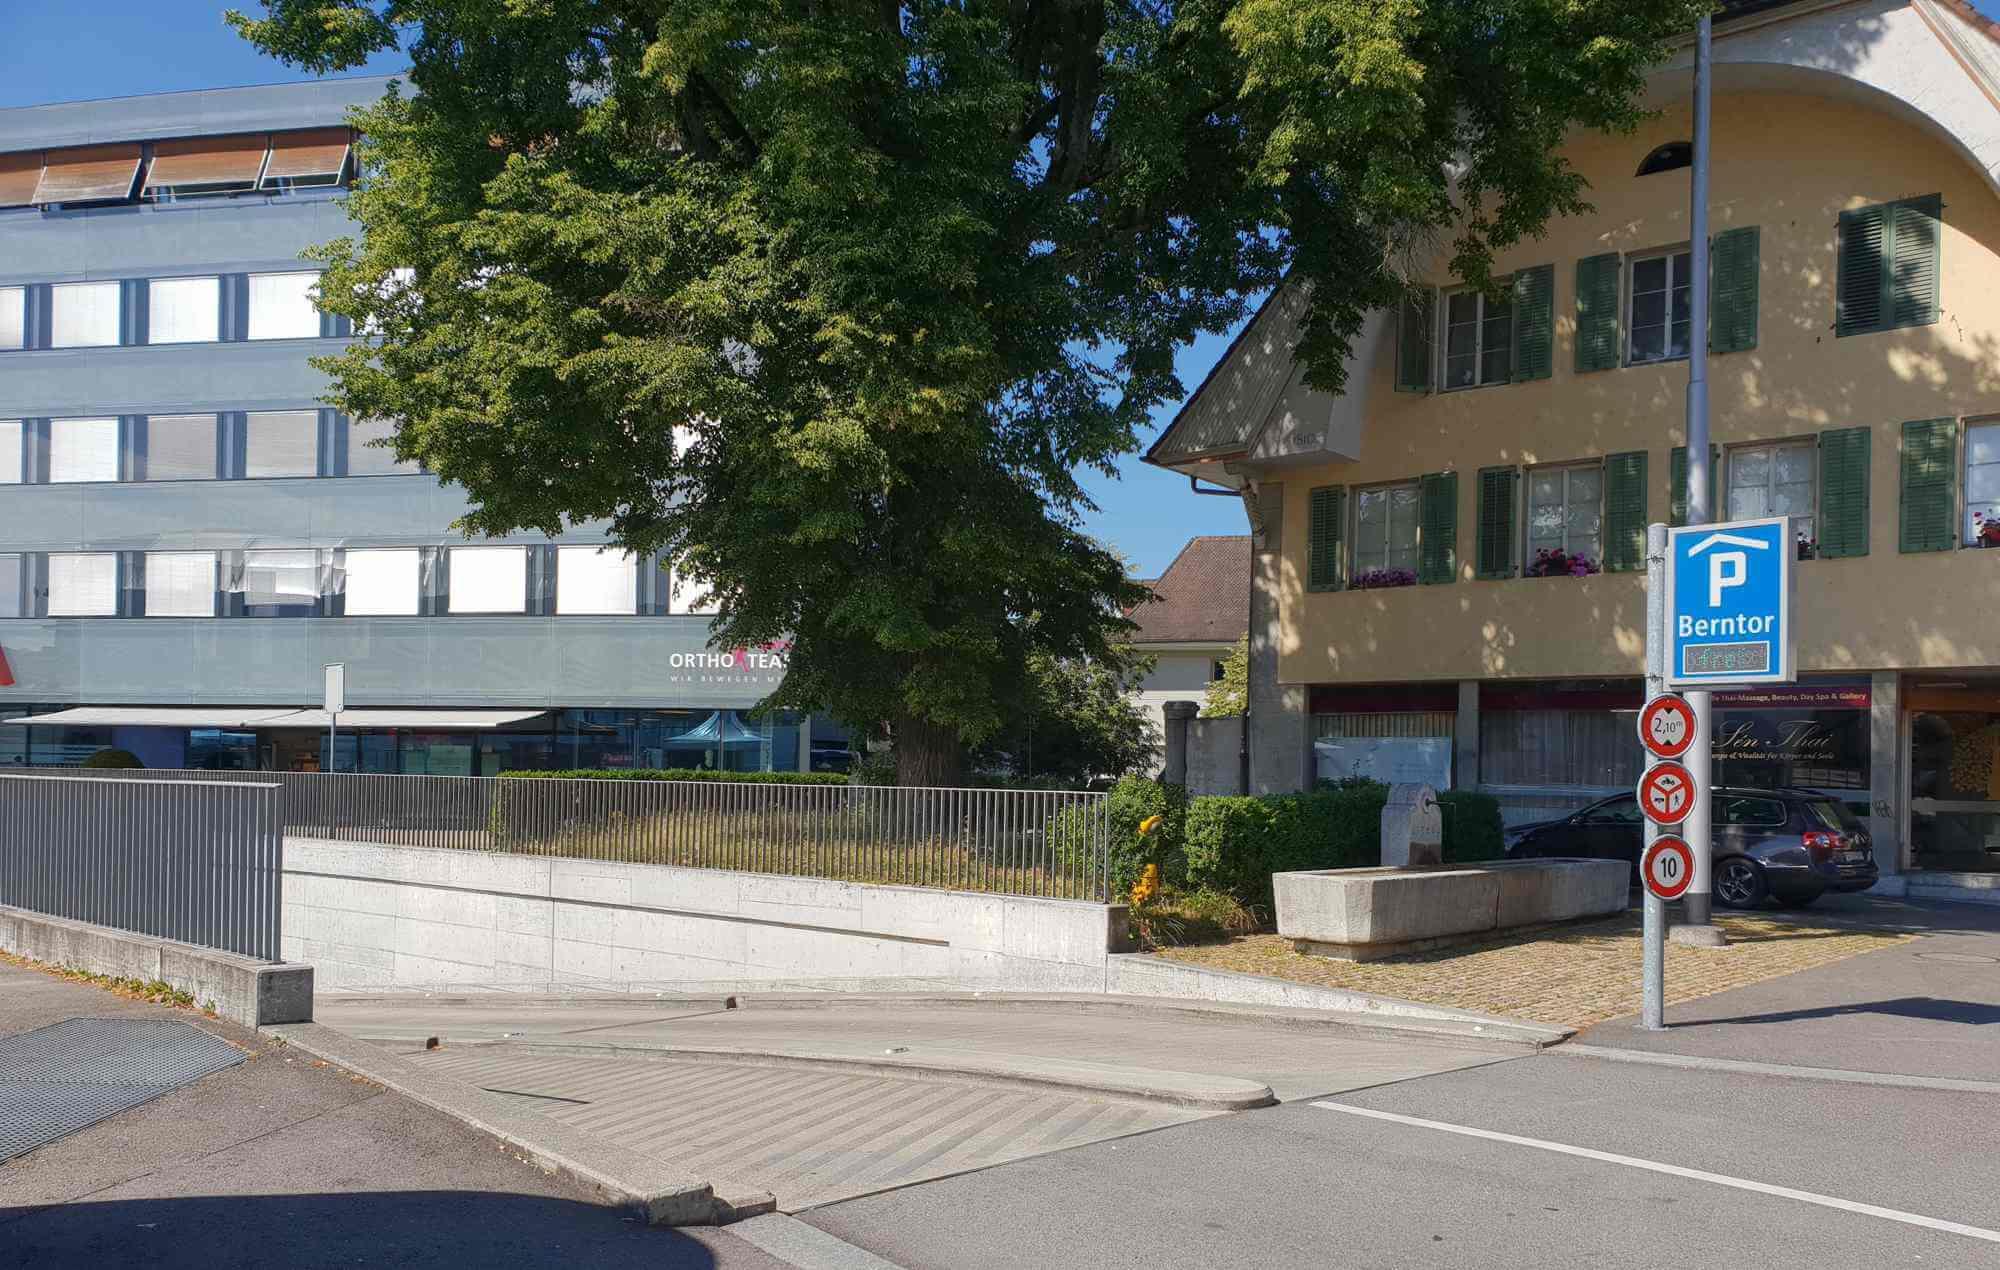 Parkhaus Berntor Einfahrt